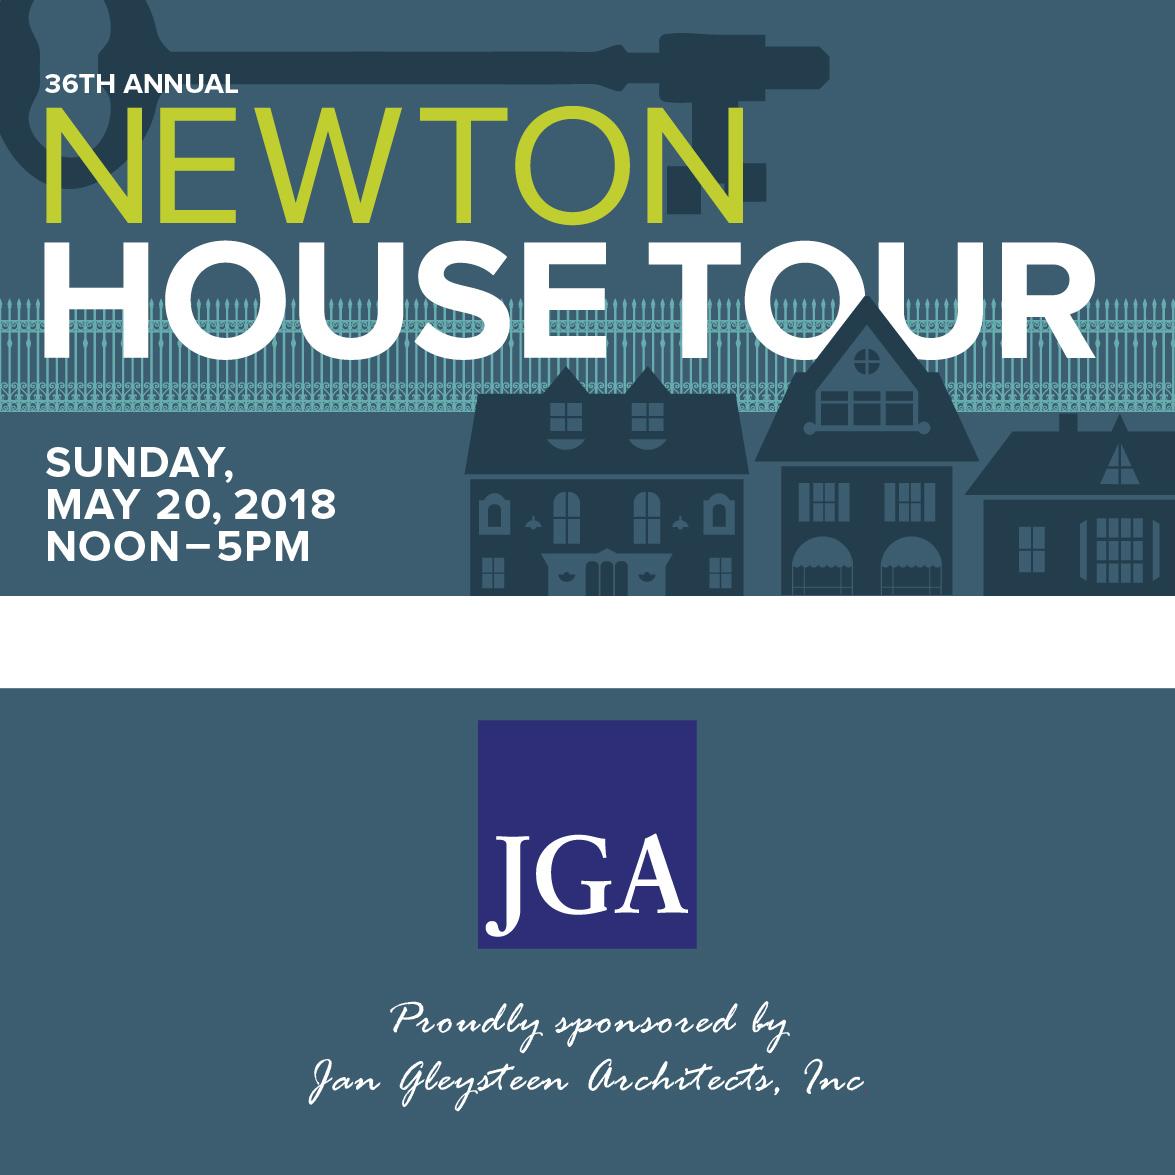 2018 Newton House Tour